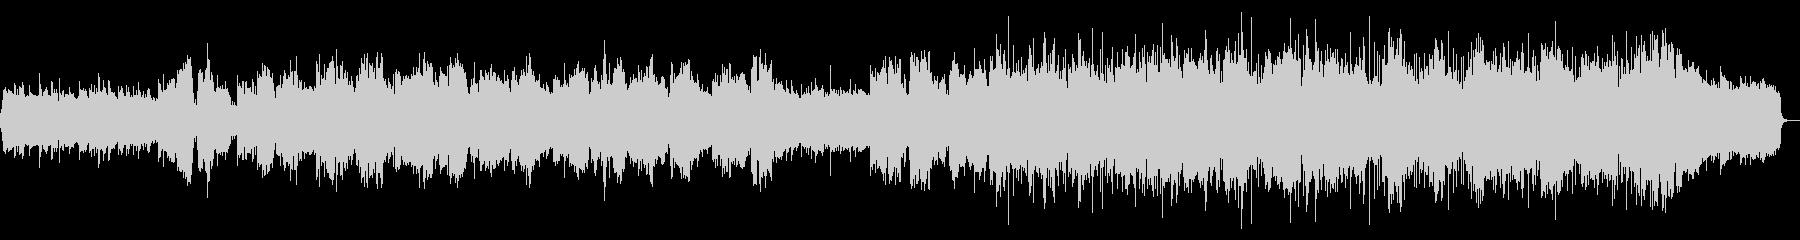 ピアノとオーケストラが入った合唱曲の未再生の波形